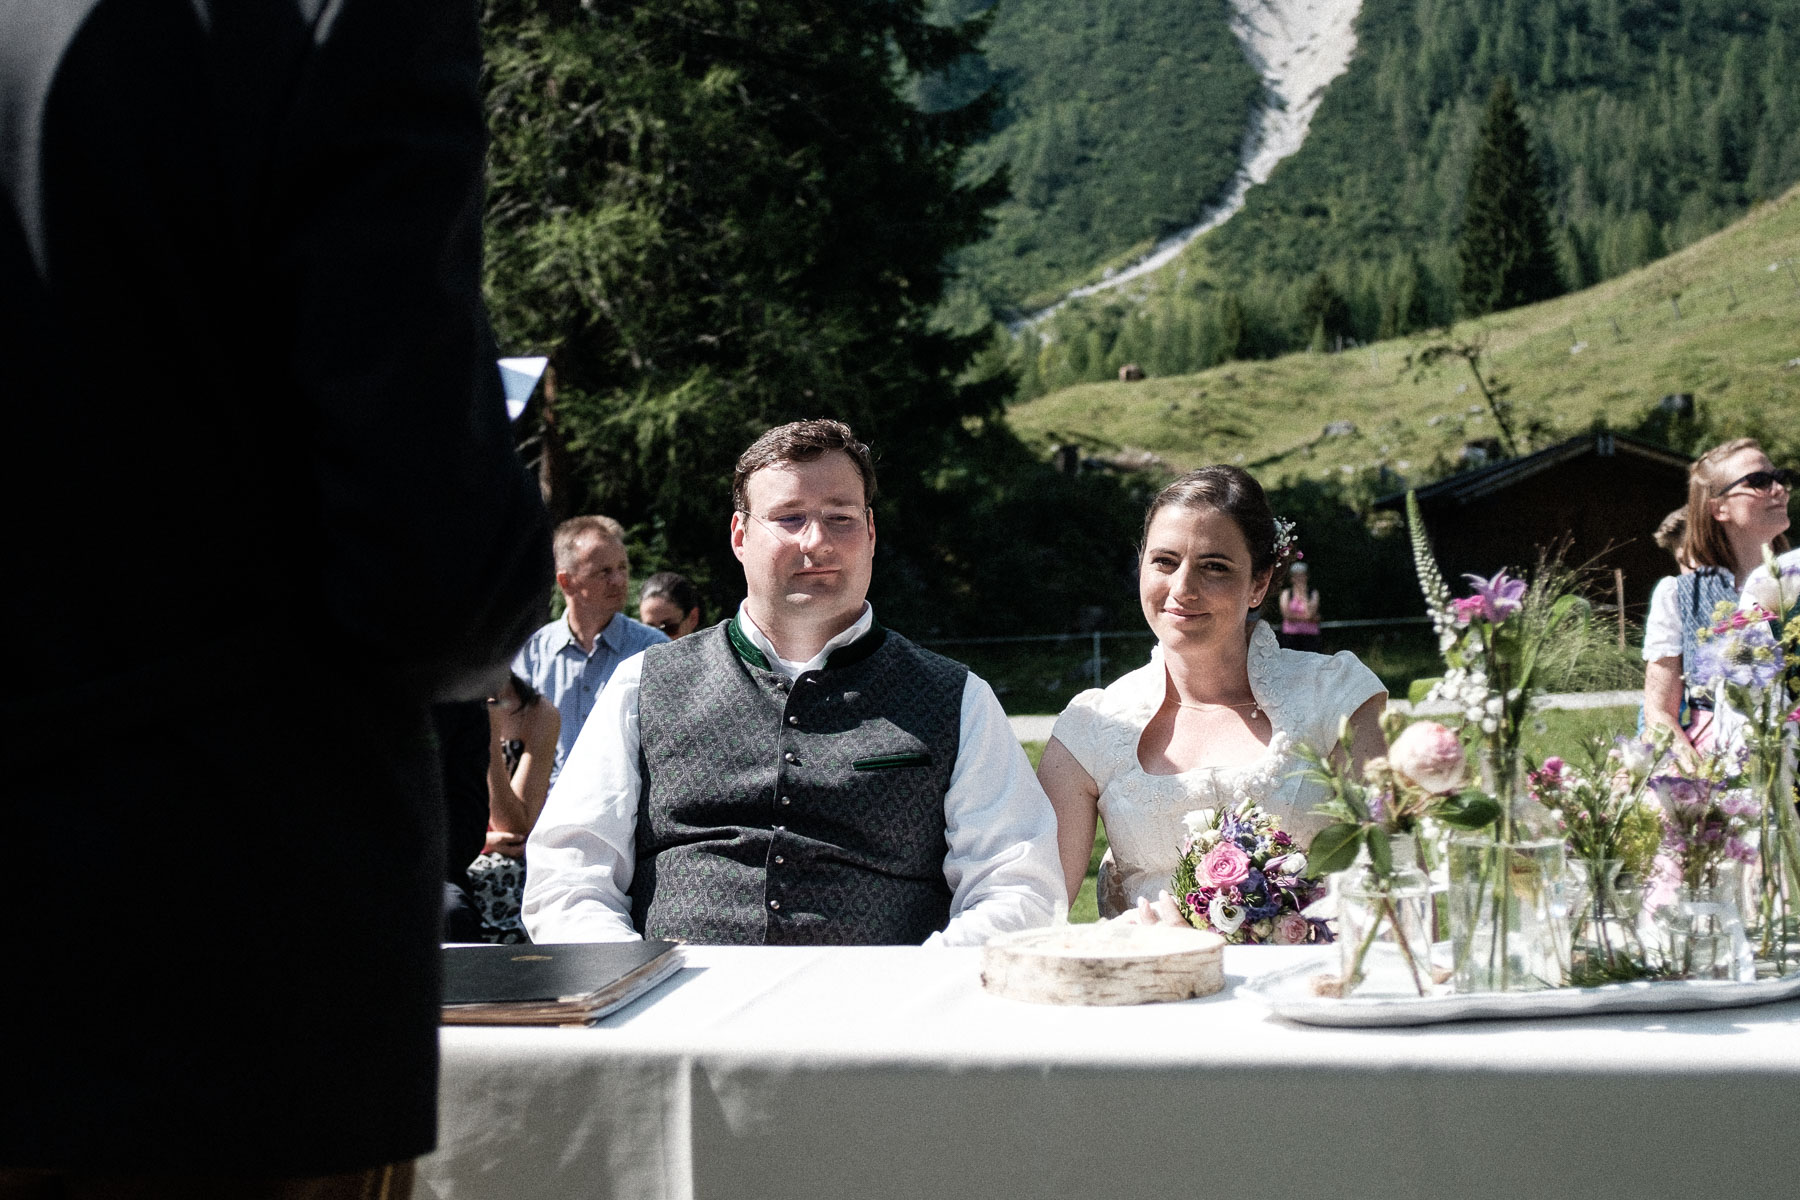 MartinLiebl_Hochzeitsfotograf_DPH_Blog_39.jpg